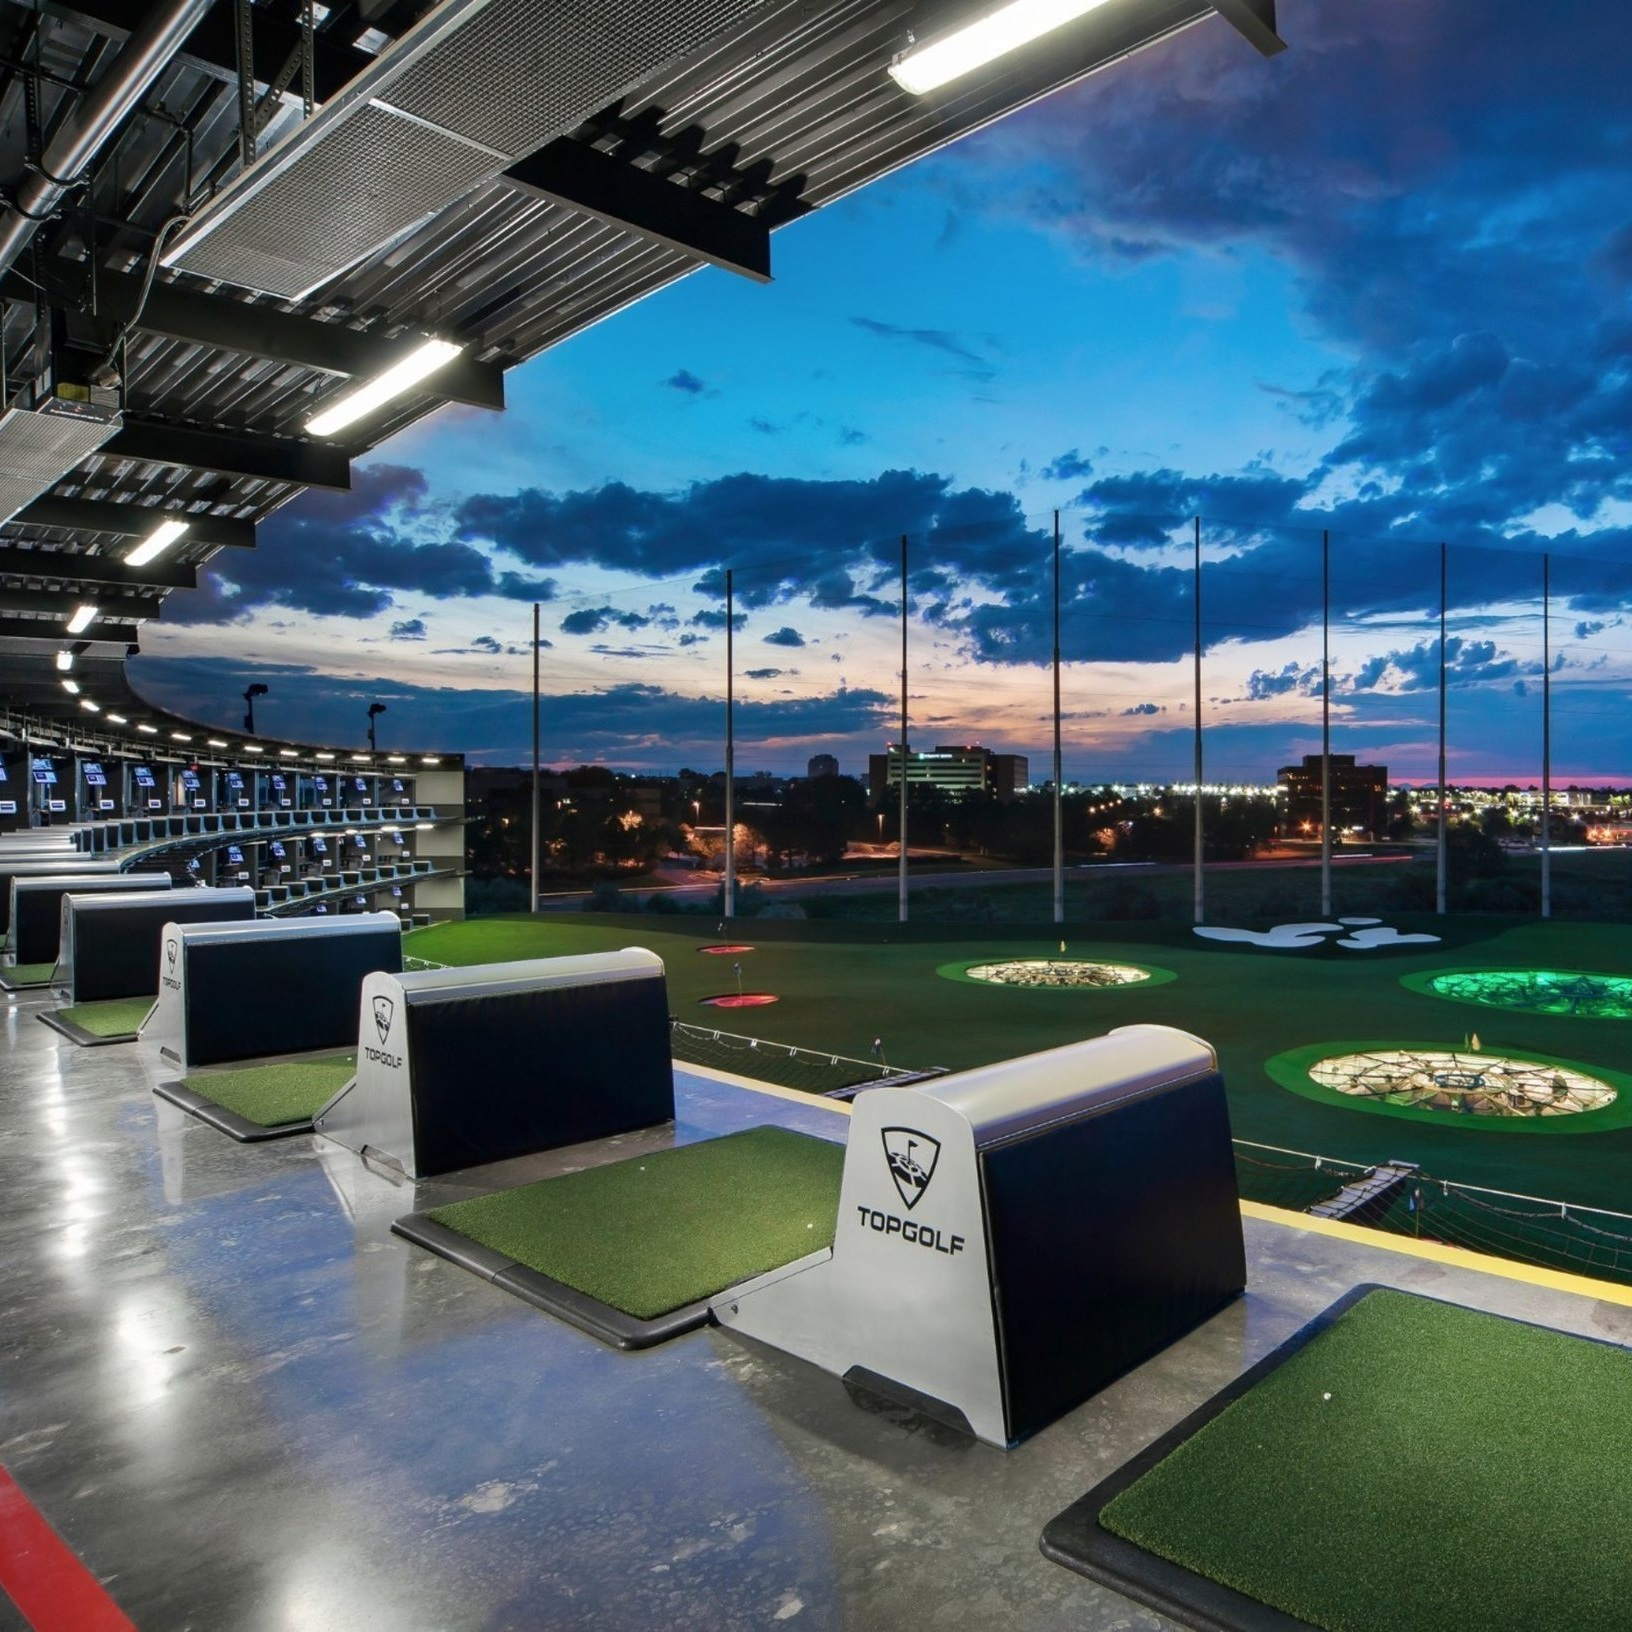 Top Golf -